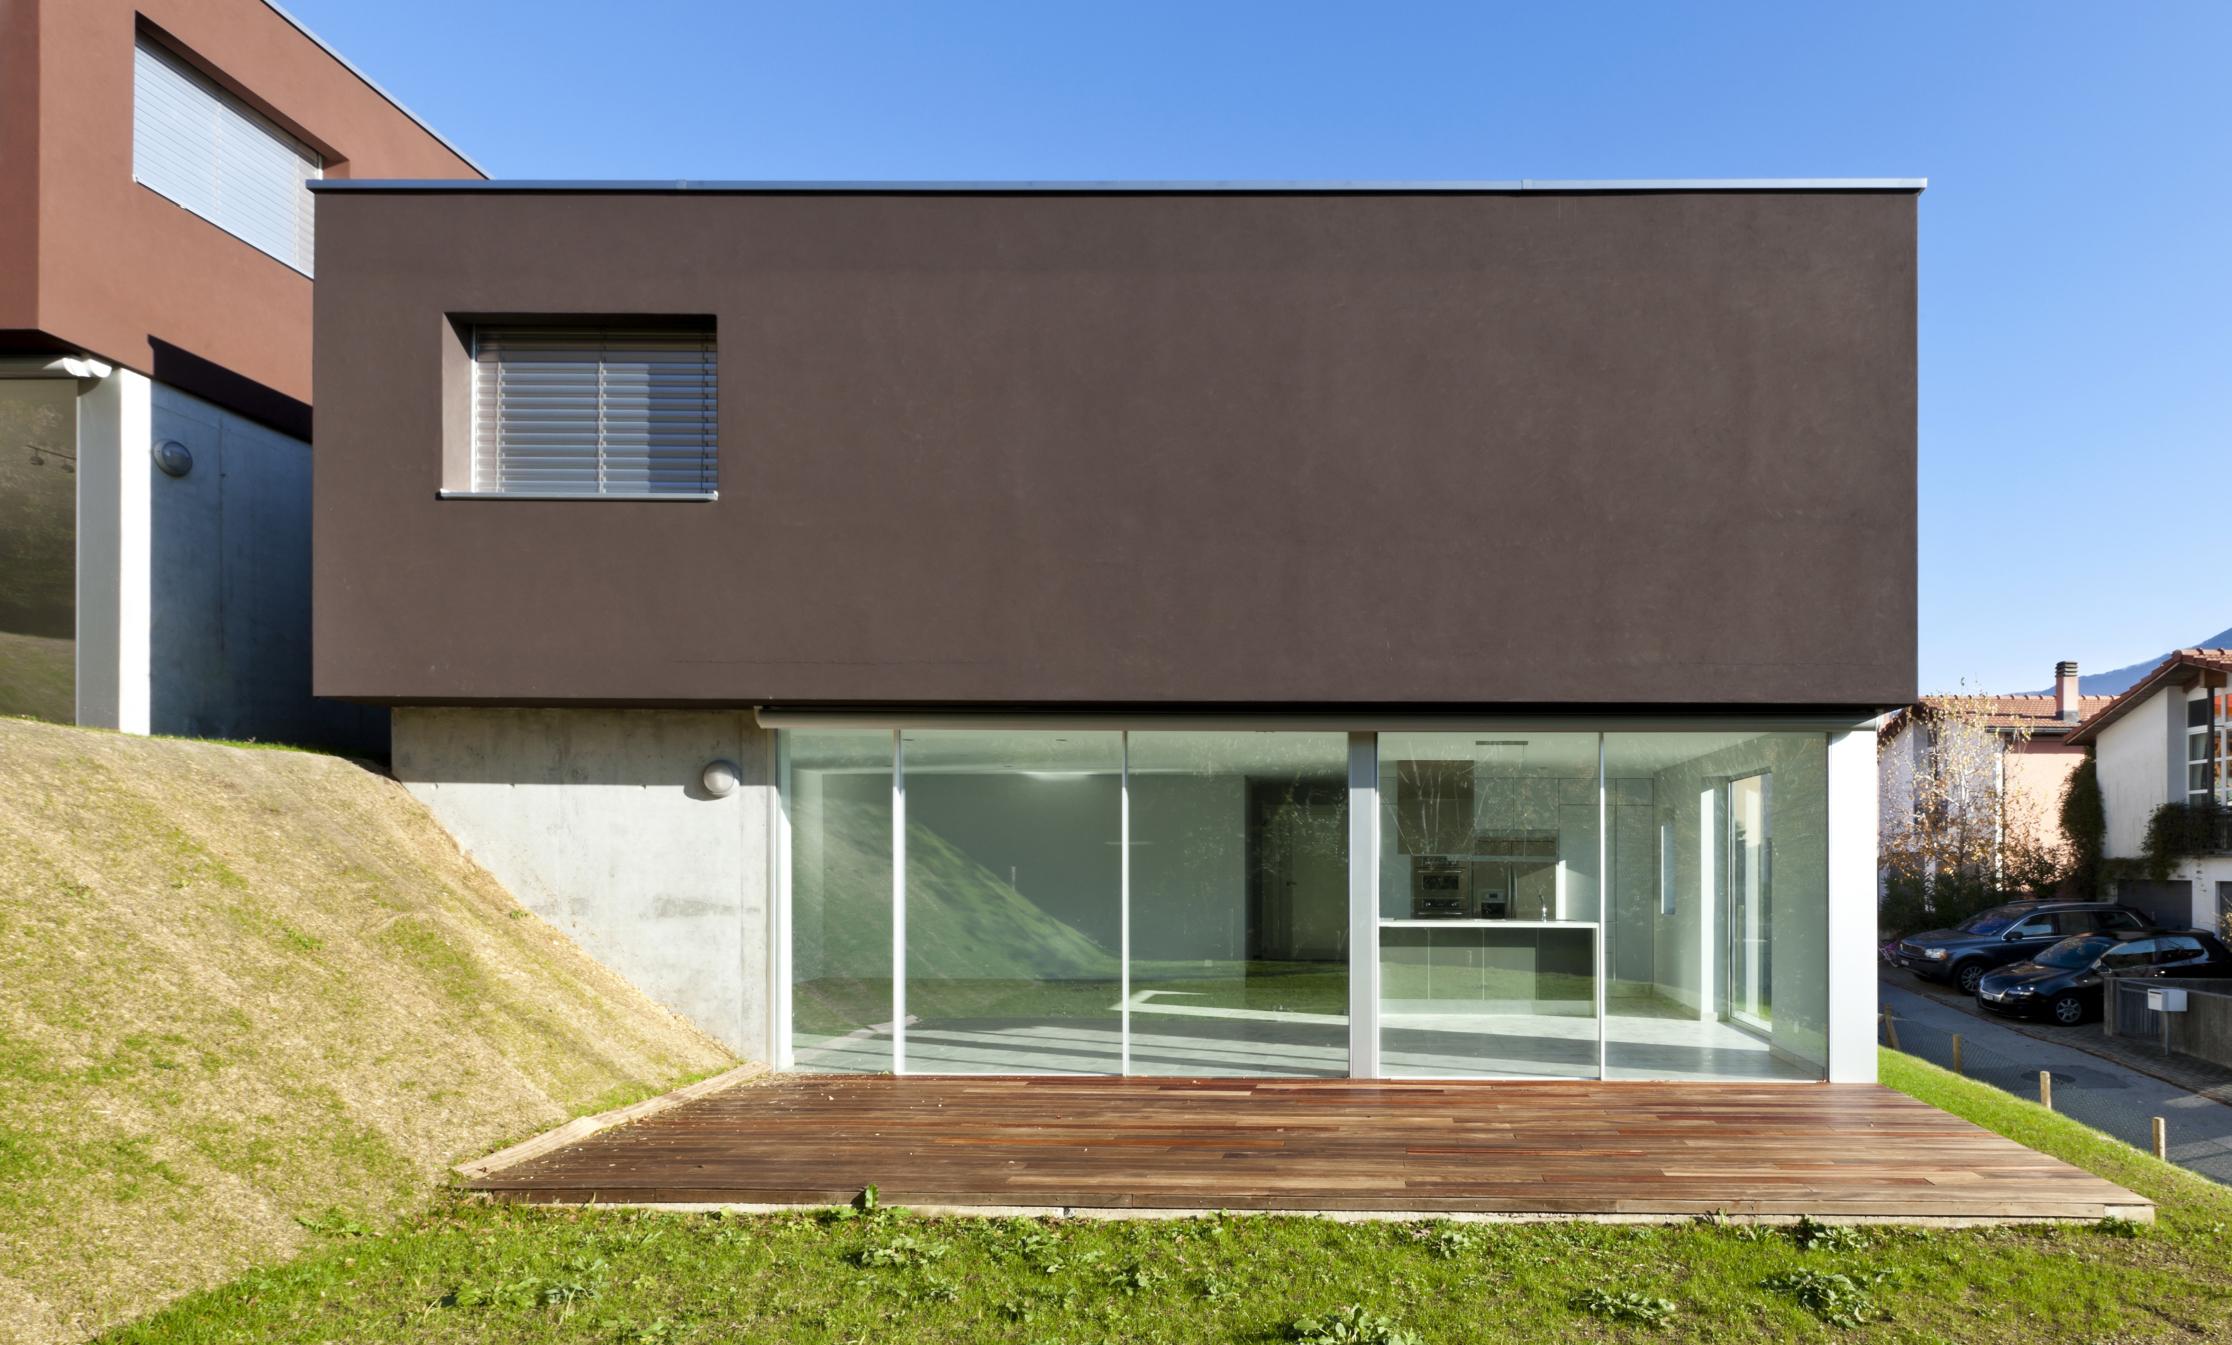 Casas minimalistas17 - Decoracion de exteriores de casas ...